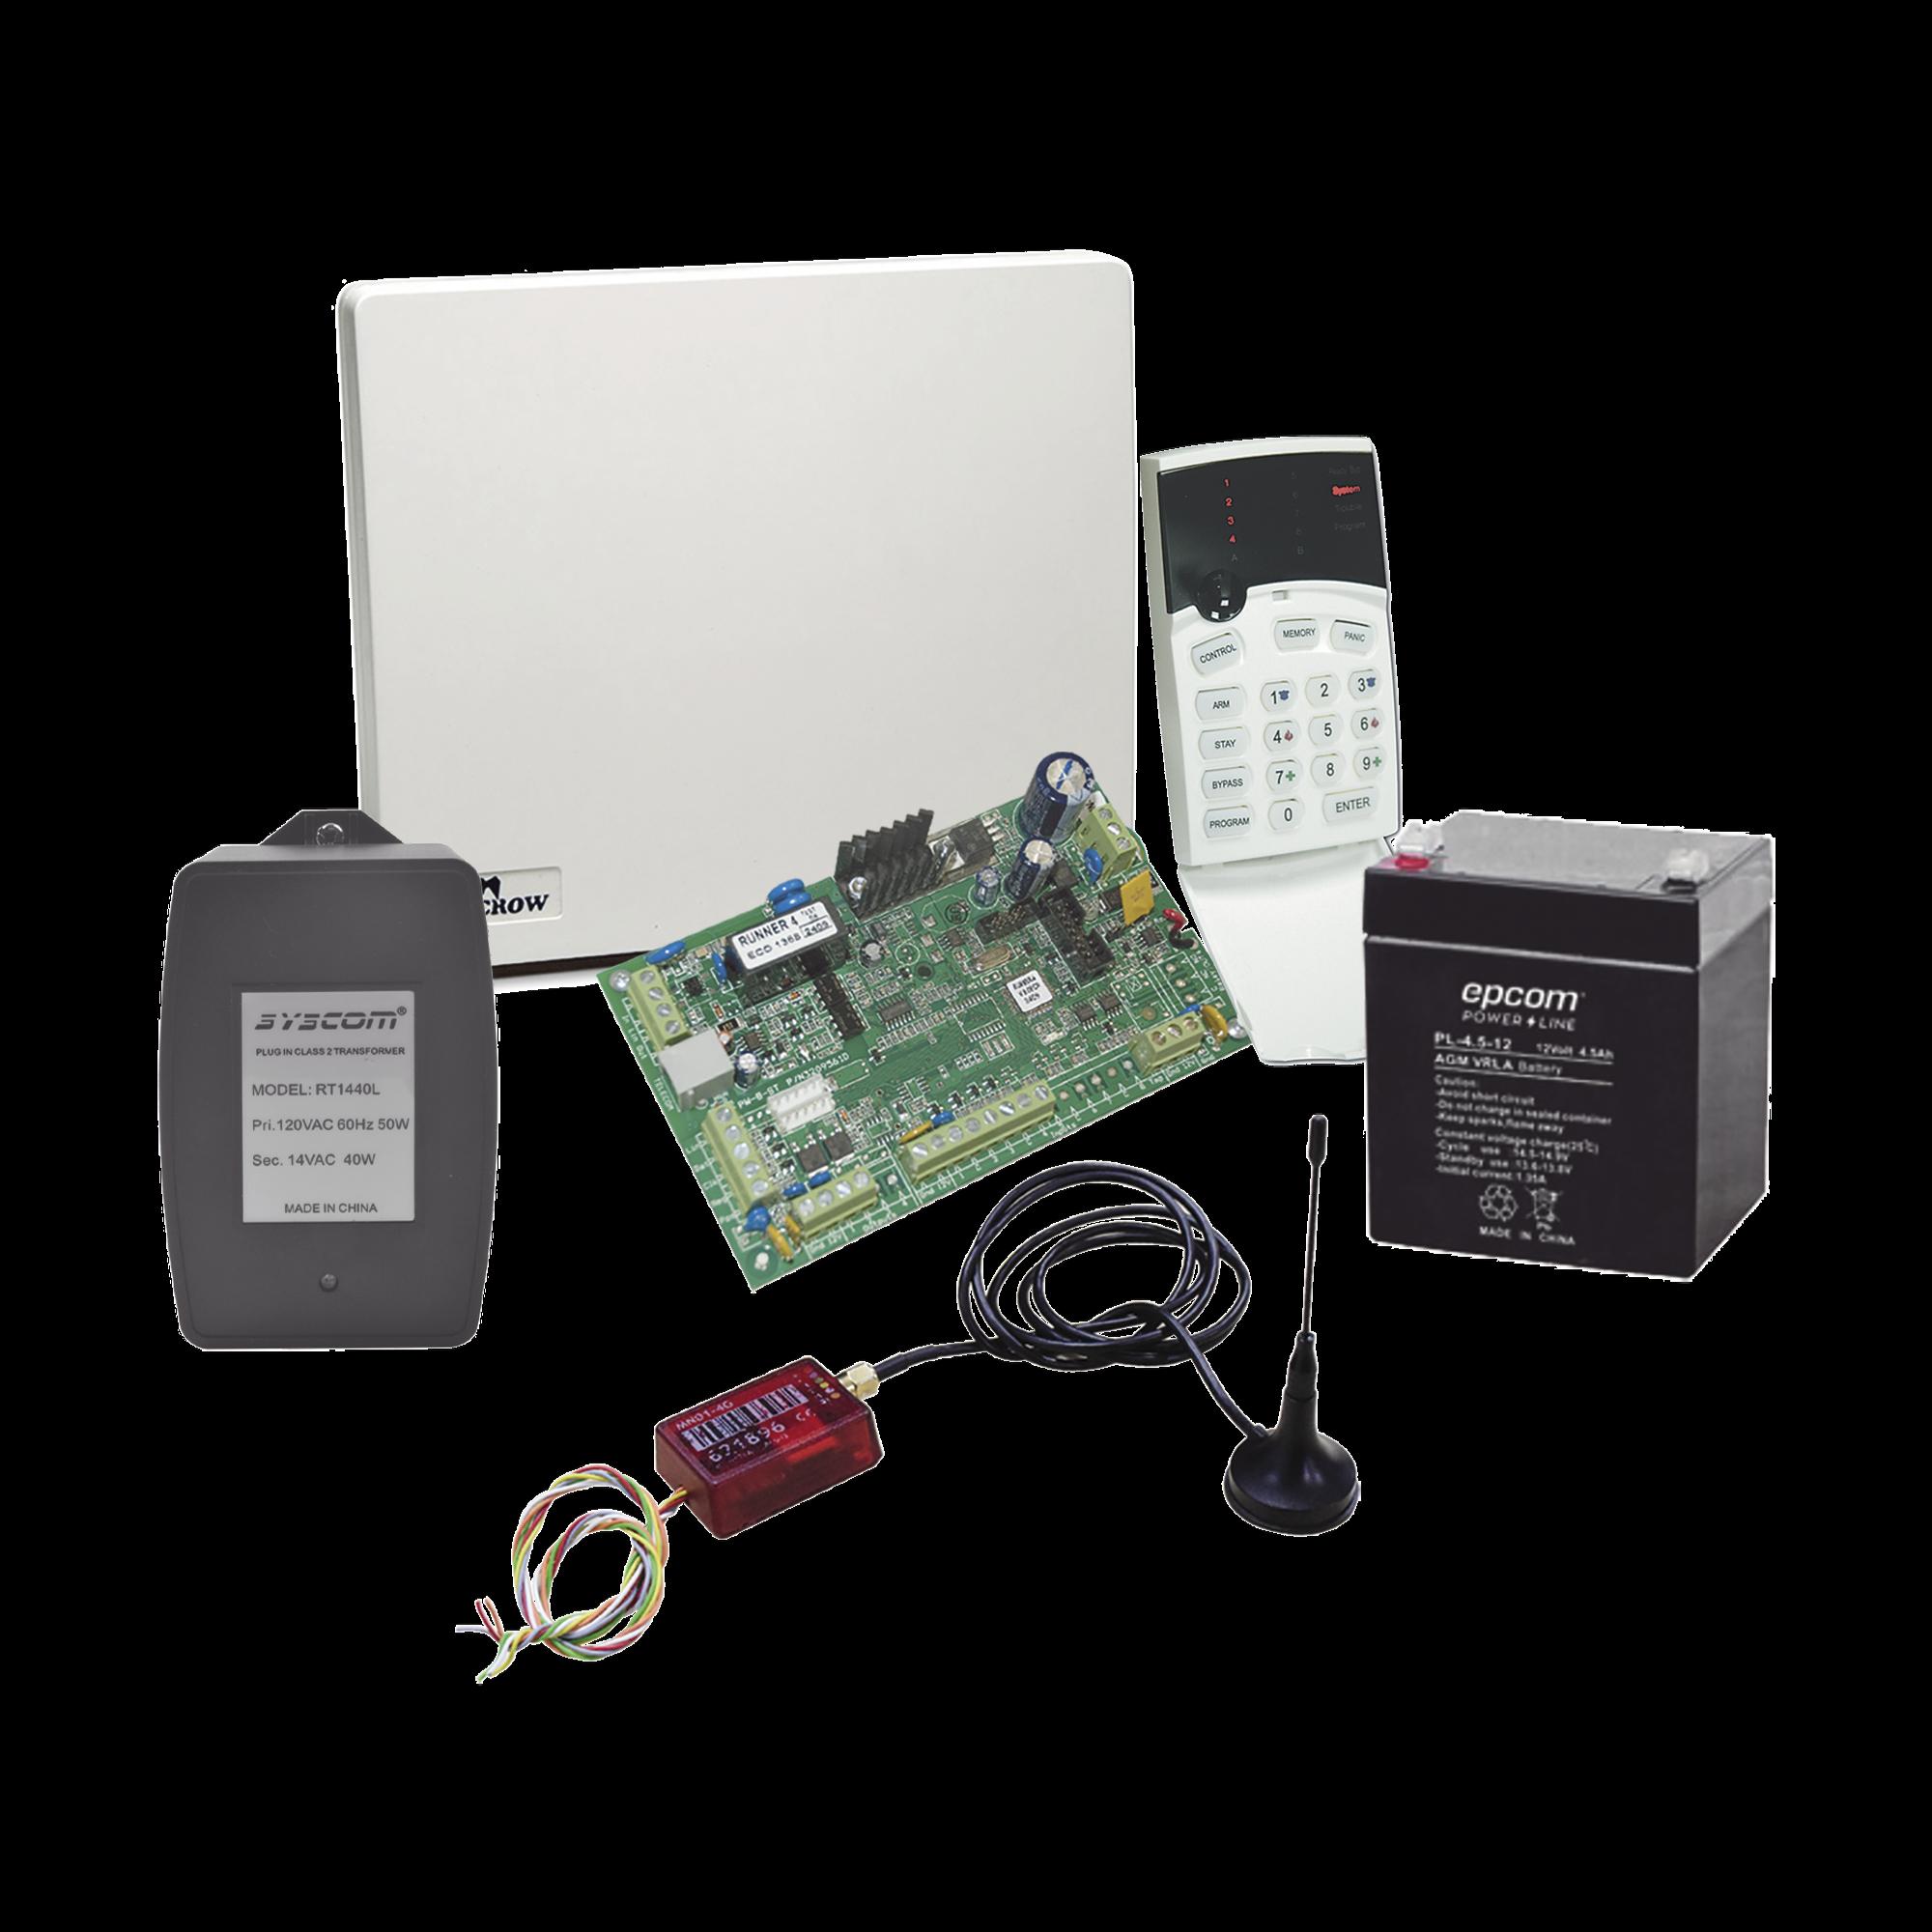 Kit de Alarma RUNNER8/16 con Comunicador MN02LTEM, Gabinete, Batería y Trasmformador